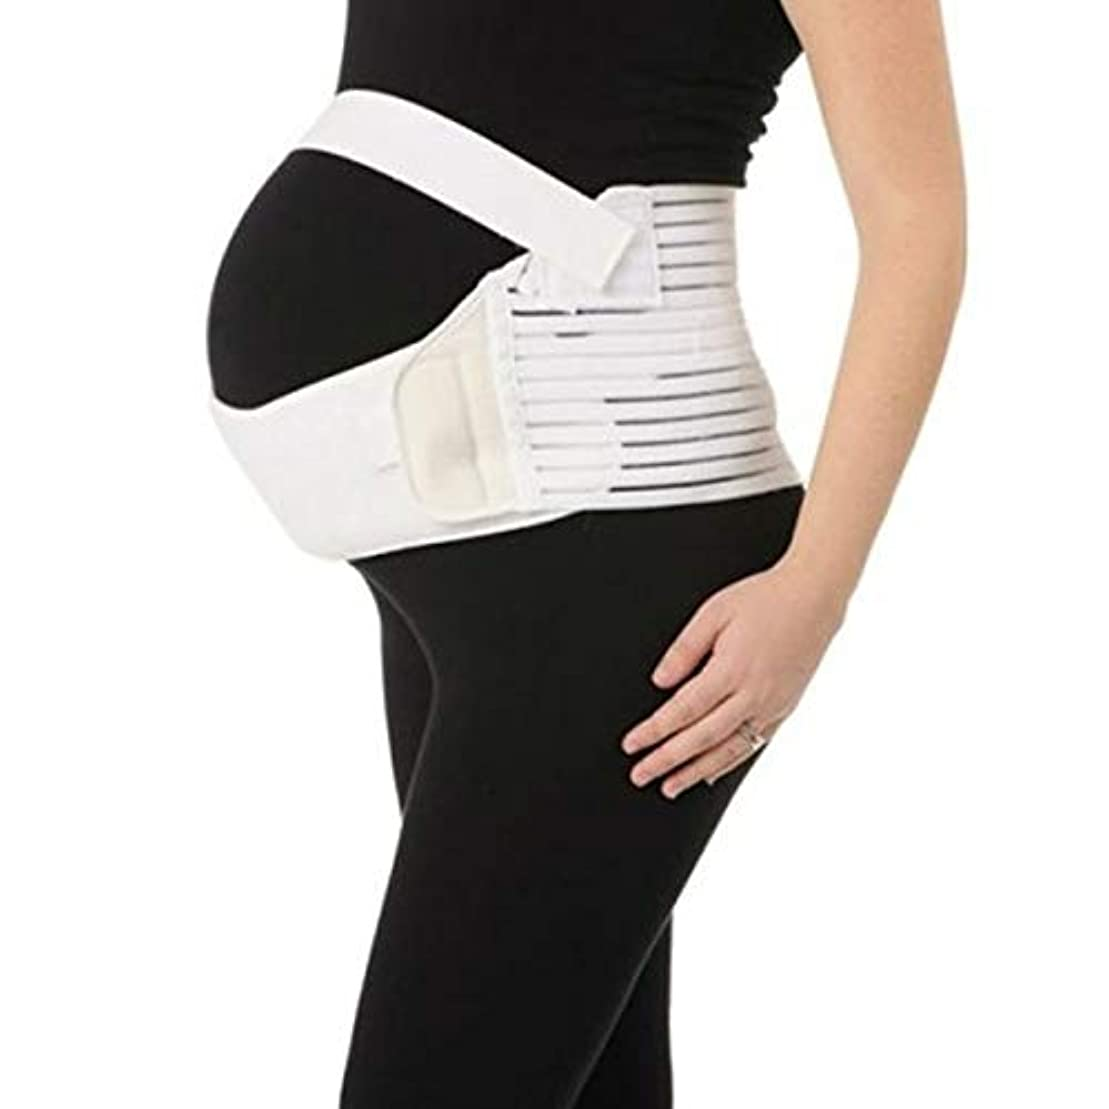 花弁ドループゆり通気性マタニティベルト妊娠腹部サポート腹部バインダーガードル運動包帯産後の回復shapewear - ホワイトL